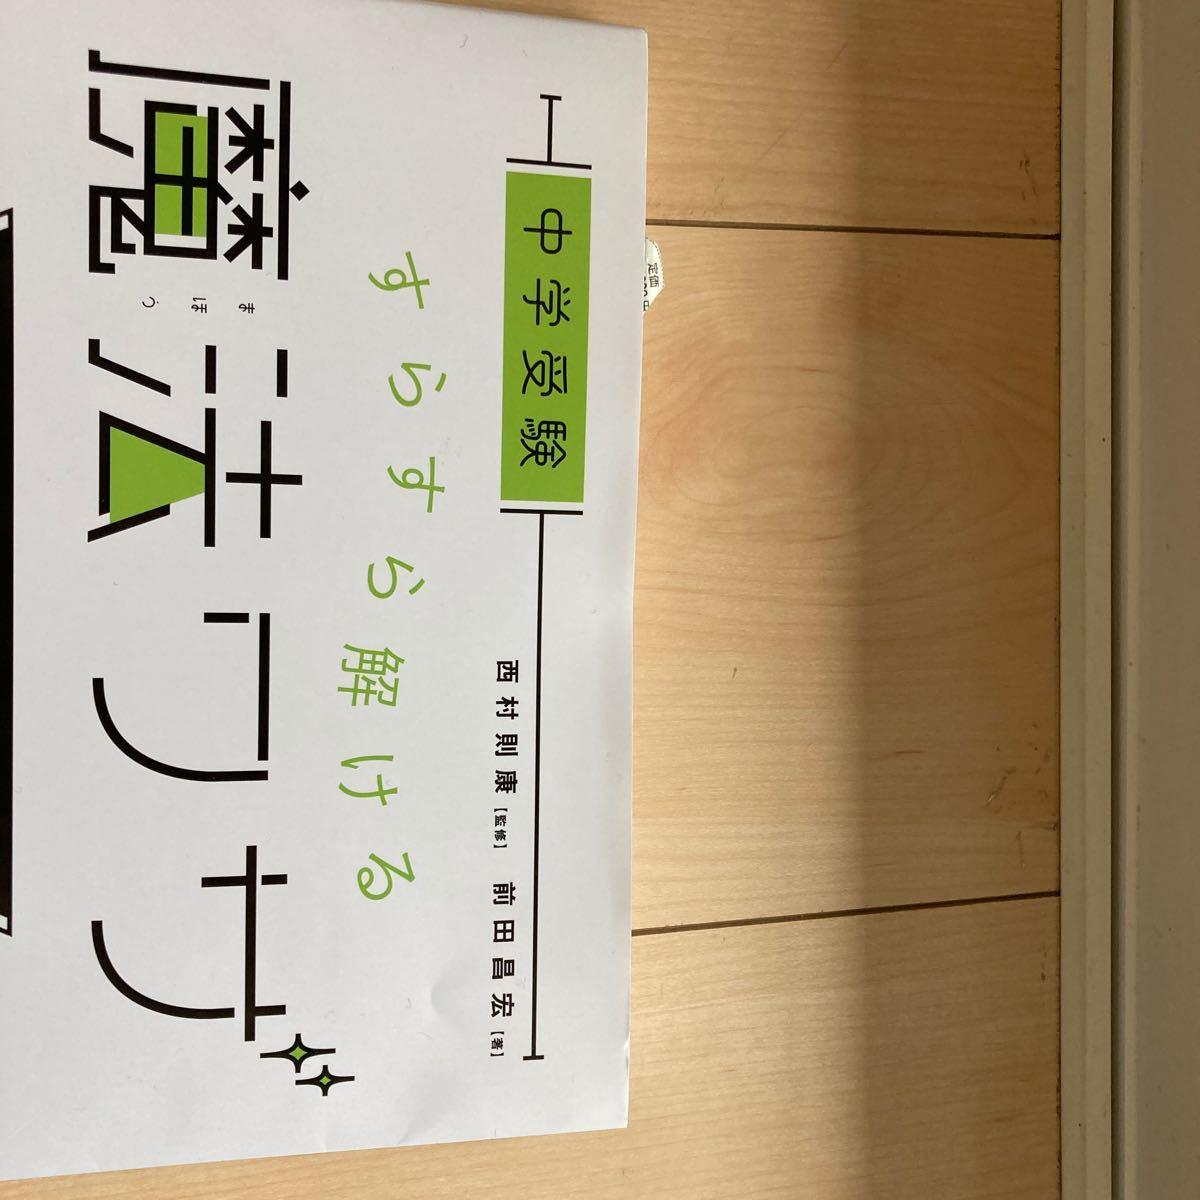 中学受験すらすら解ける魔法ワザ算数 計算問題/図解問題2冊セット 前田昌宏/西村則康